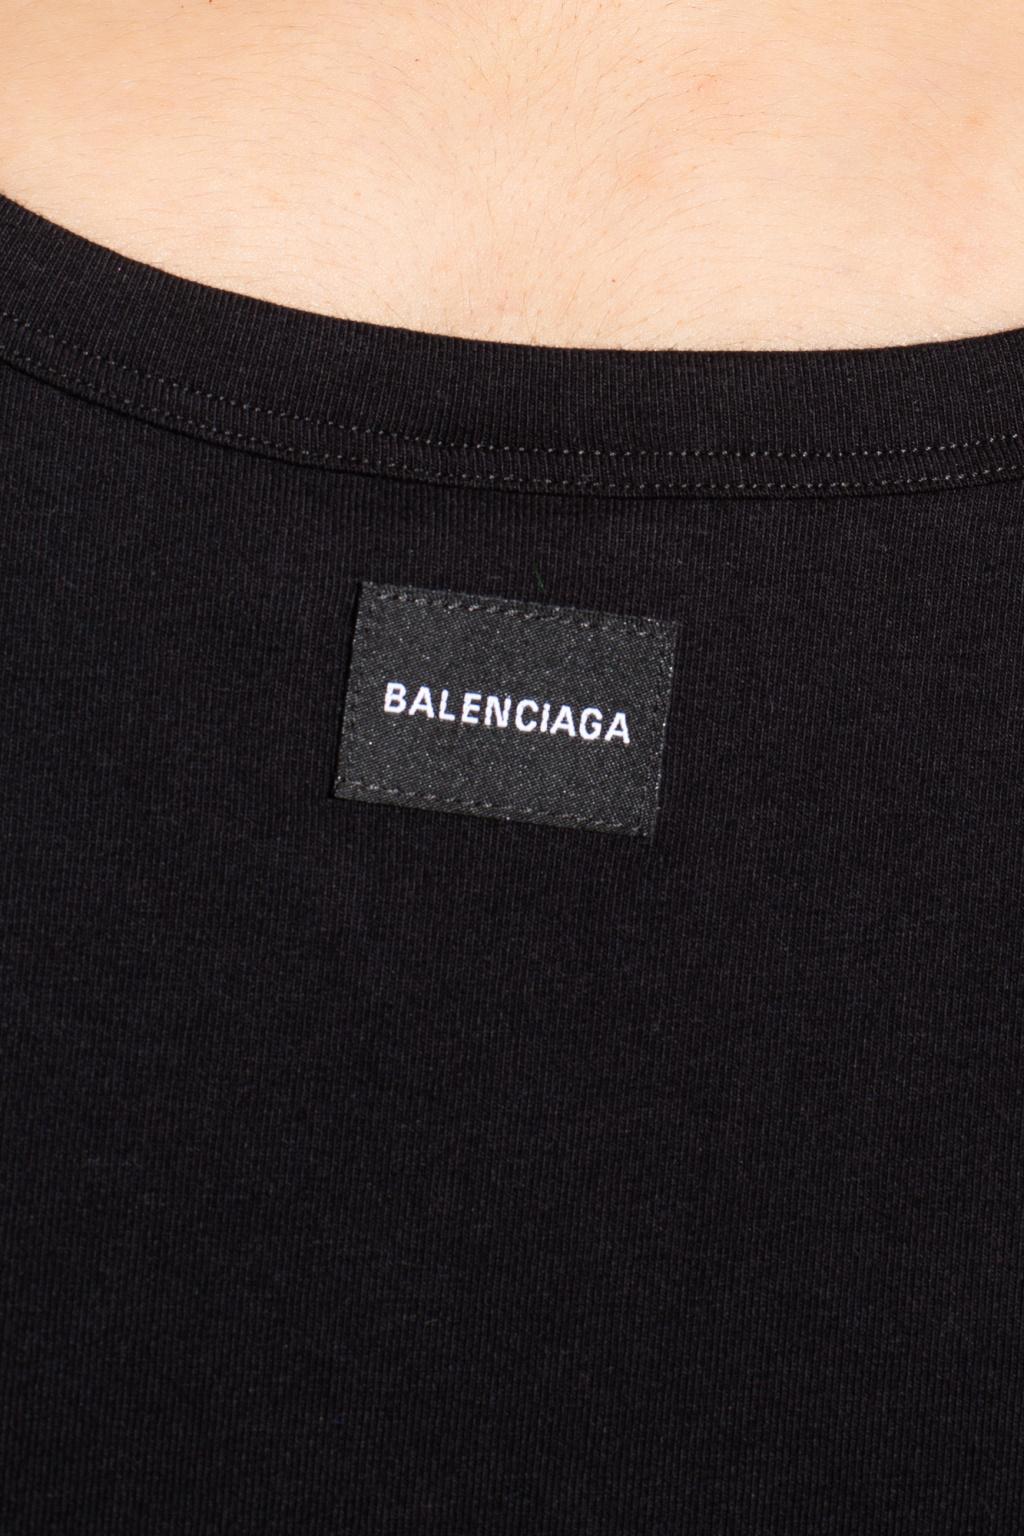 Balenciaga Sleeveless top